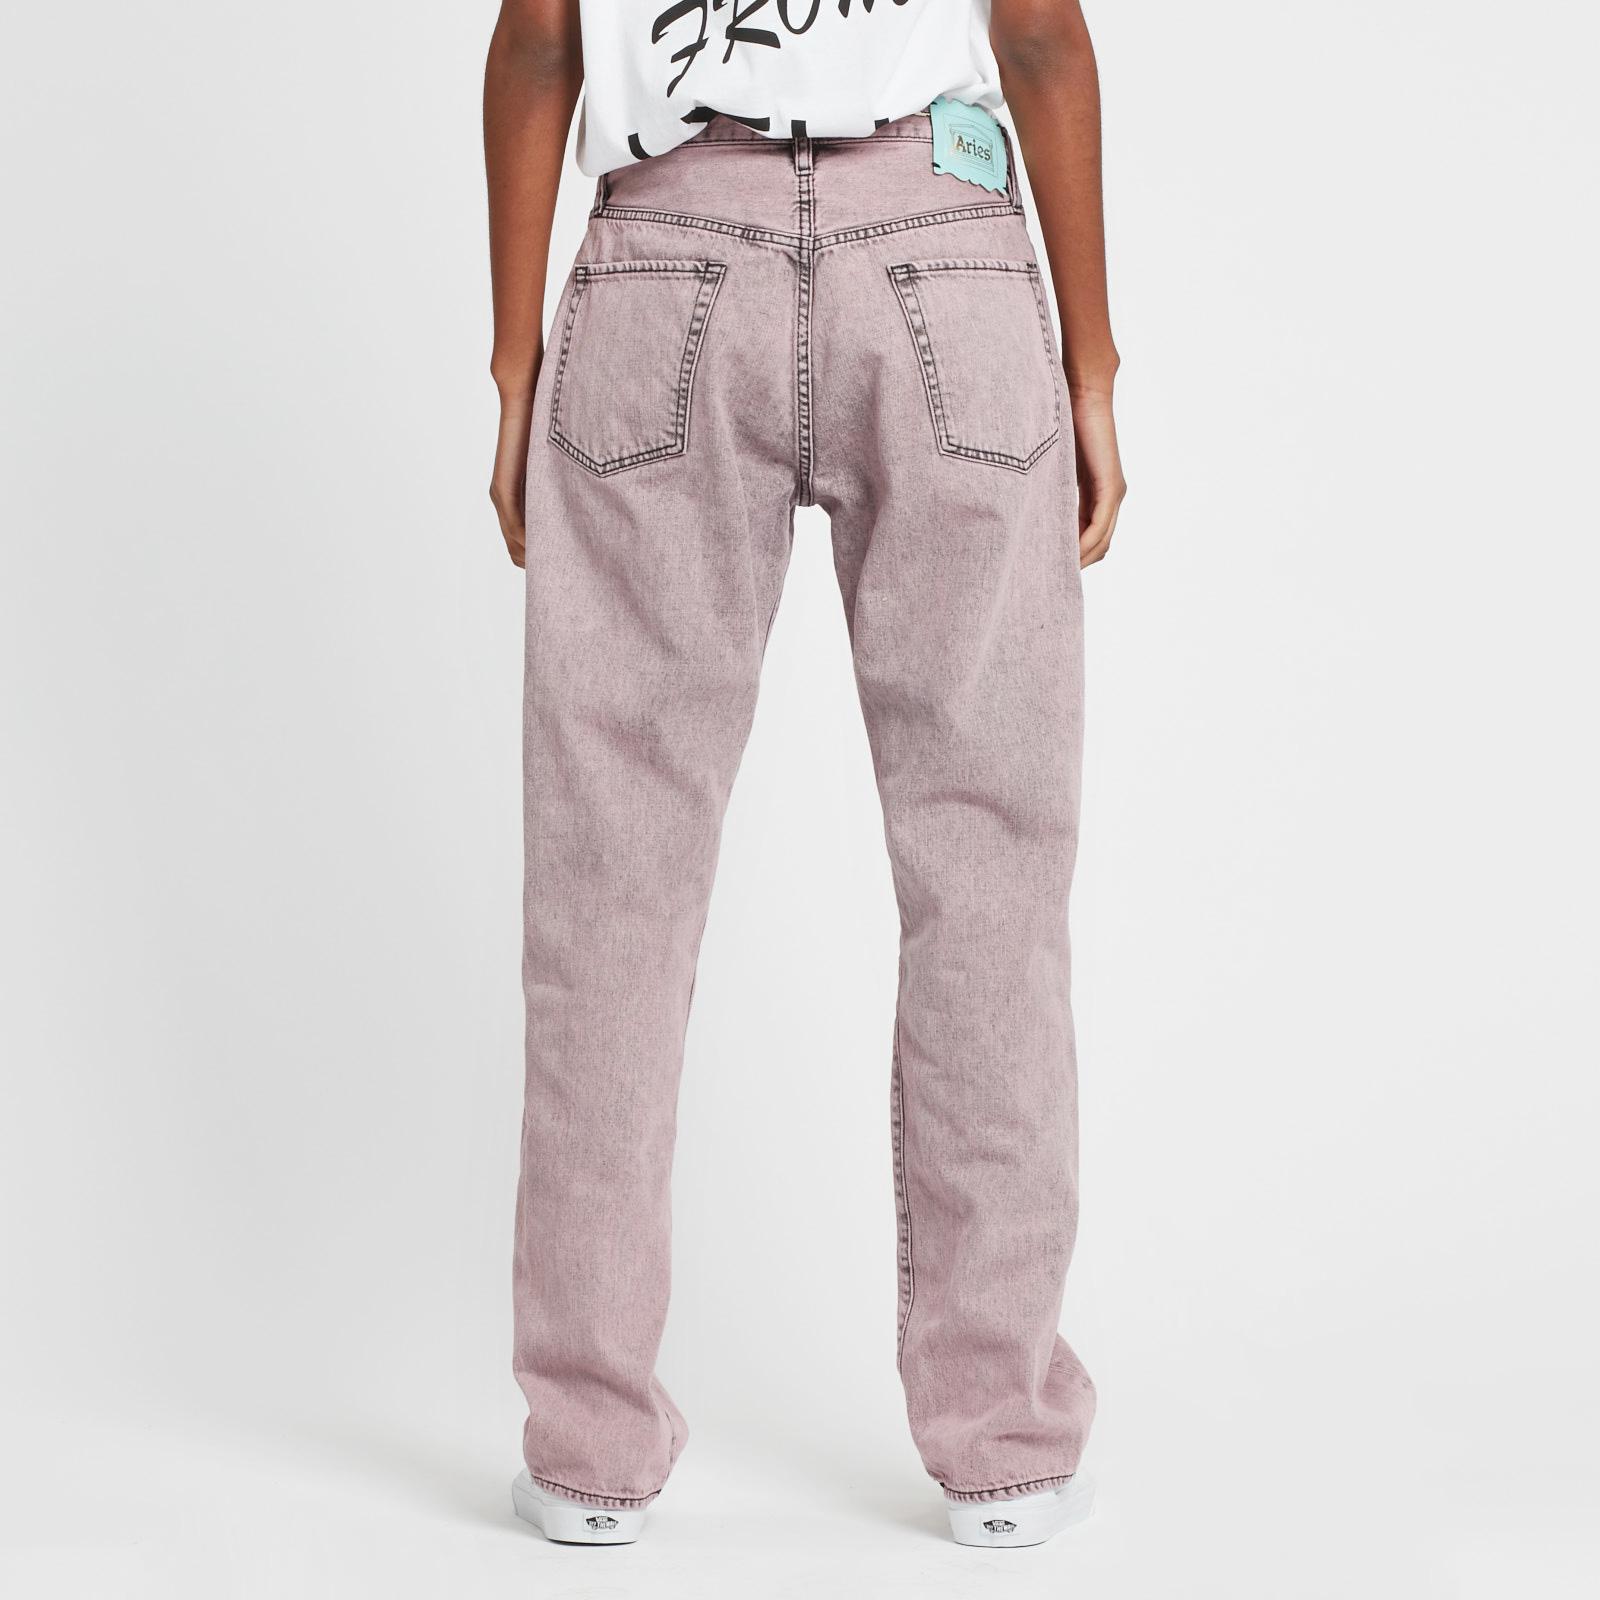 1dd59390024428 Aries Lilly Aceed Jeans - Soar30501 - Sneakersnstuff | sneakers &  streetwear online since 1999